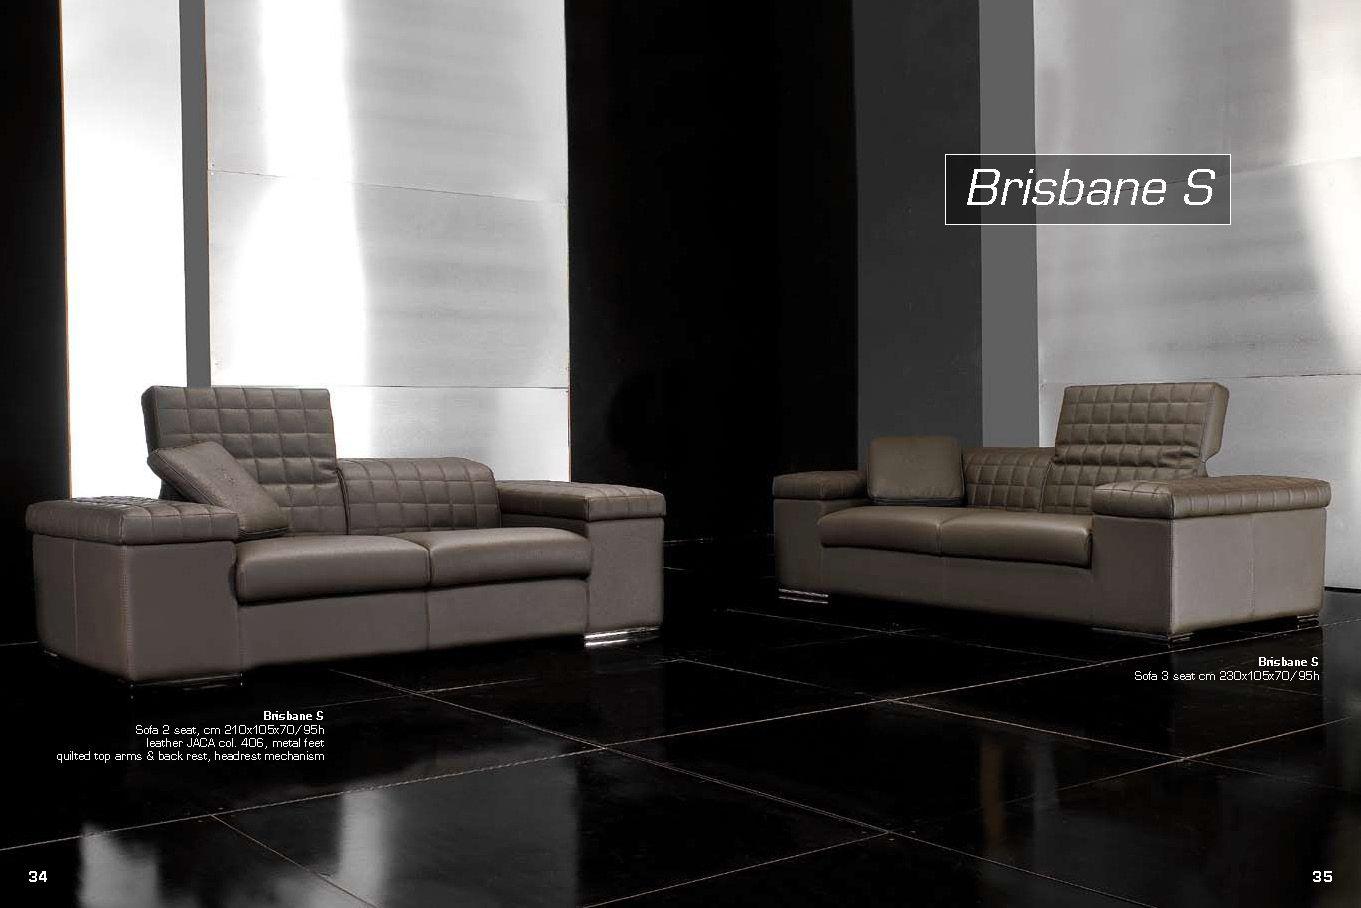 Upholstered Furniture Brisbane S